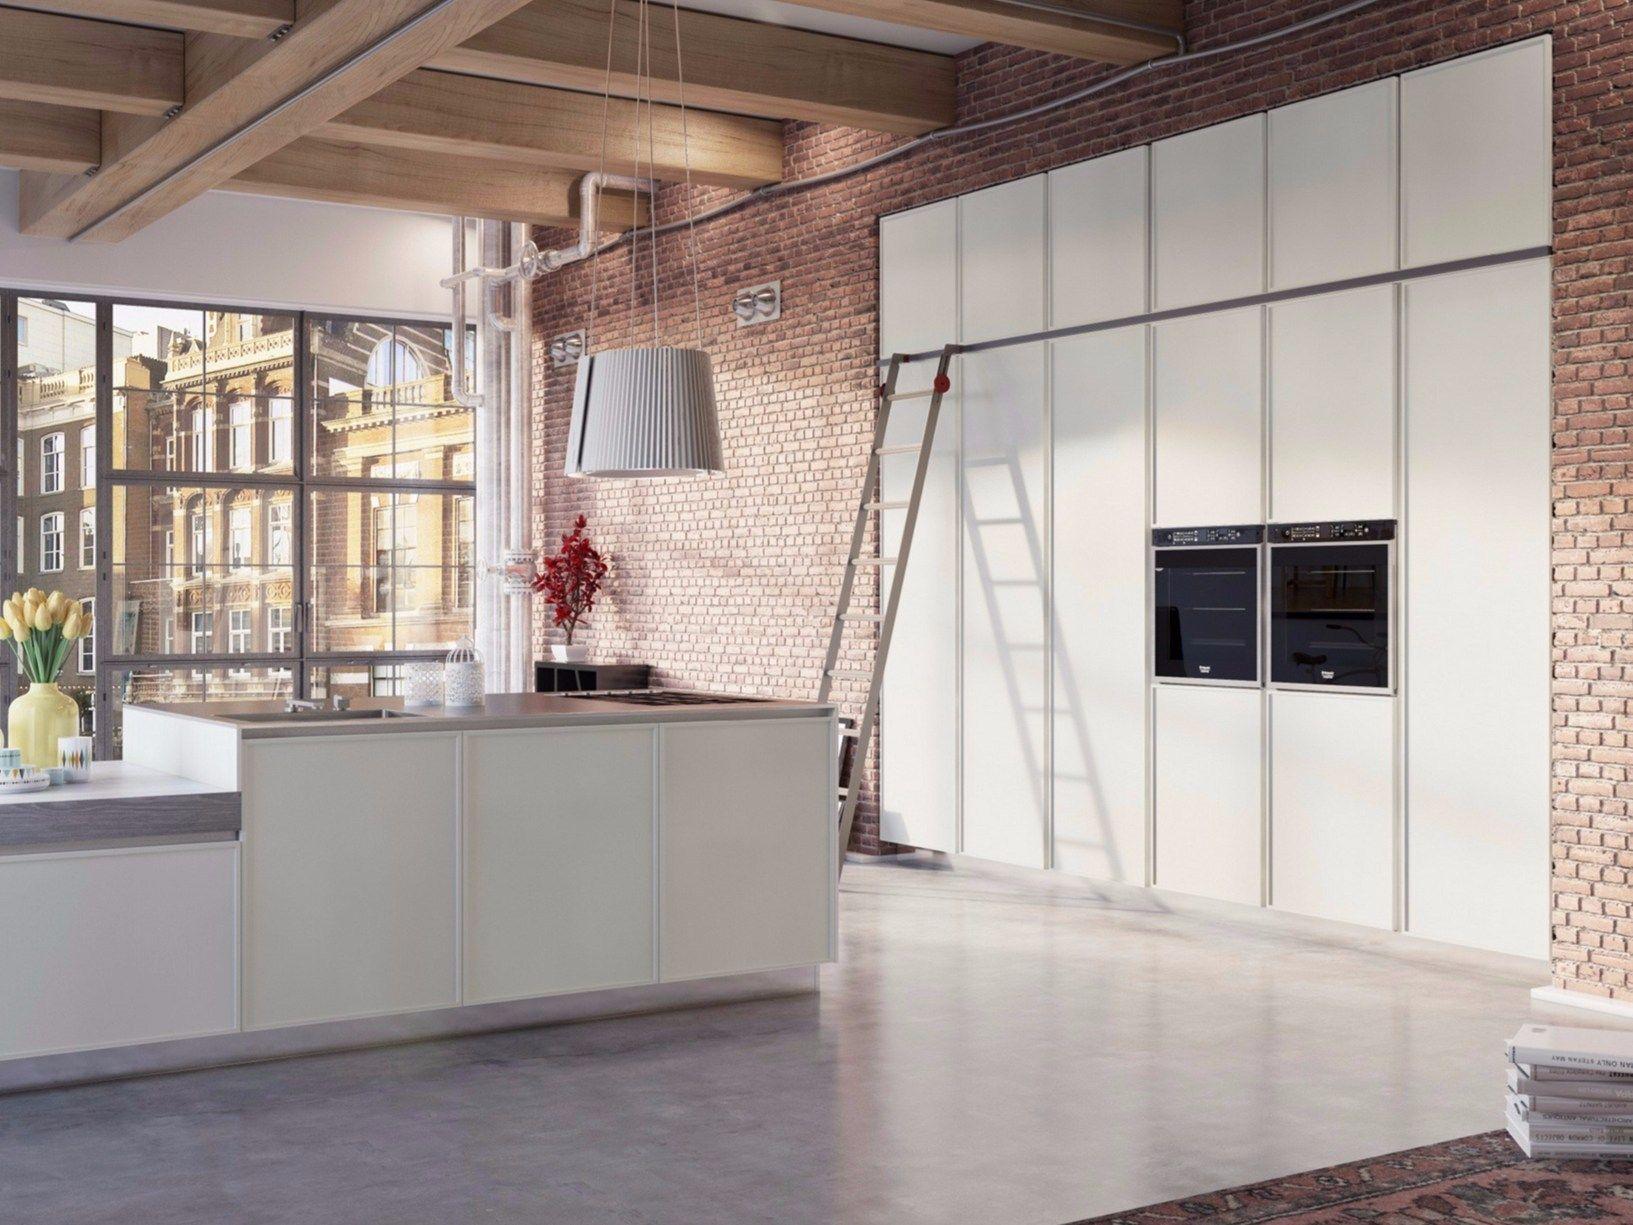 Cucine Piu Belle Moderne. Baccarat With Cucine Piu Belle Moderne ...